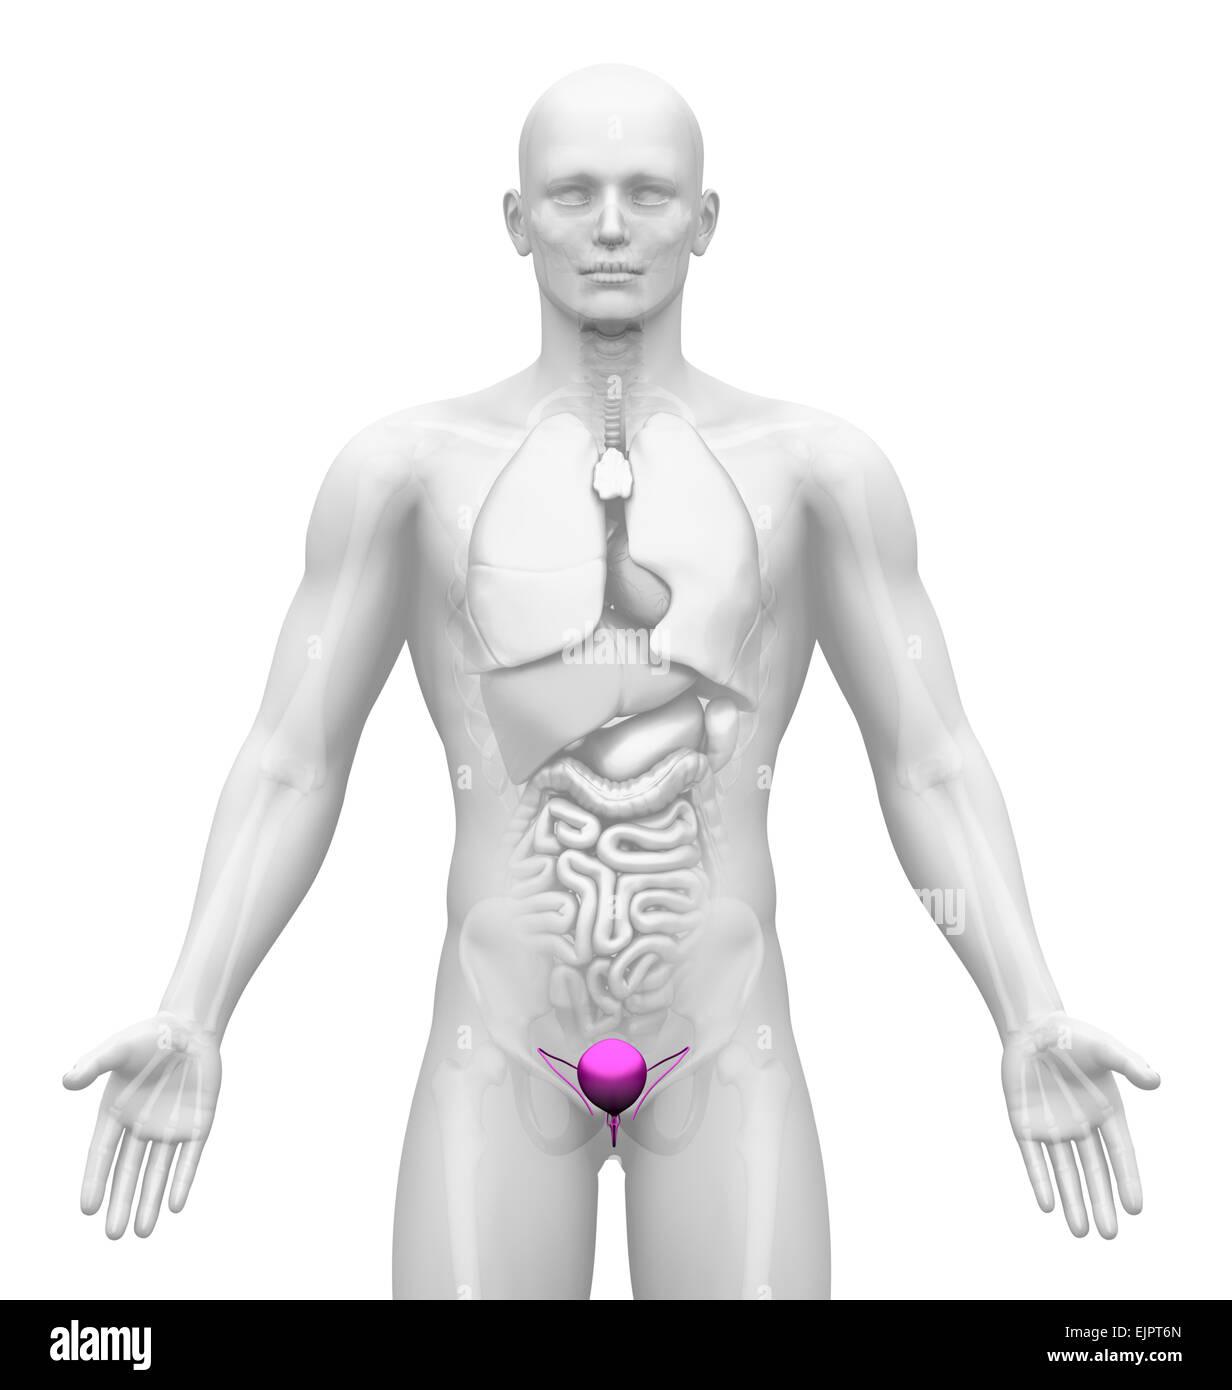 Männlichen Harnblase Anatomie Stockfoto, Bild: 80407229 - Alamy